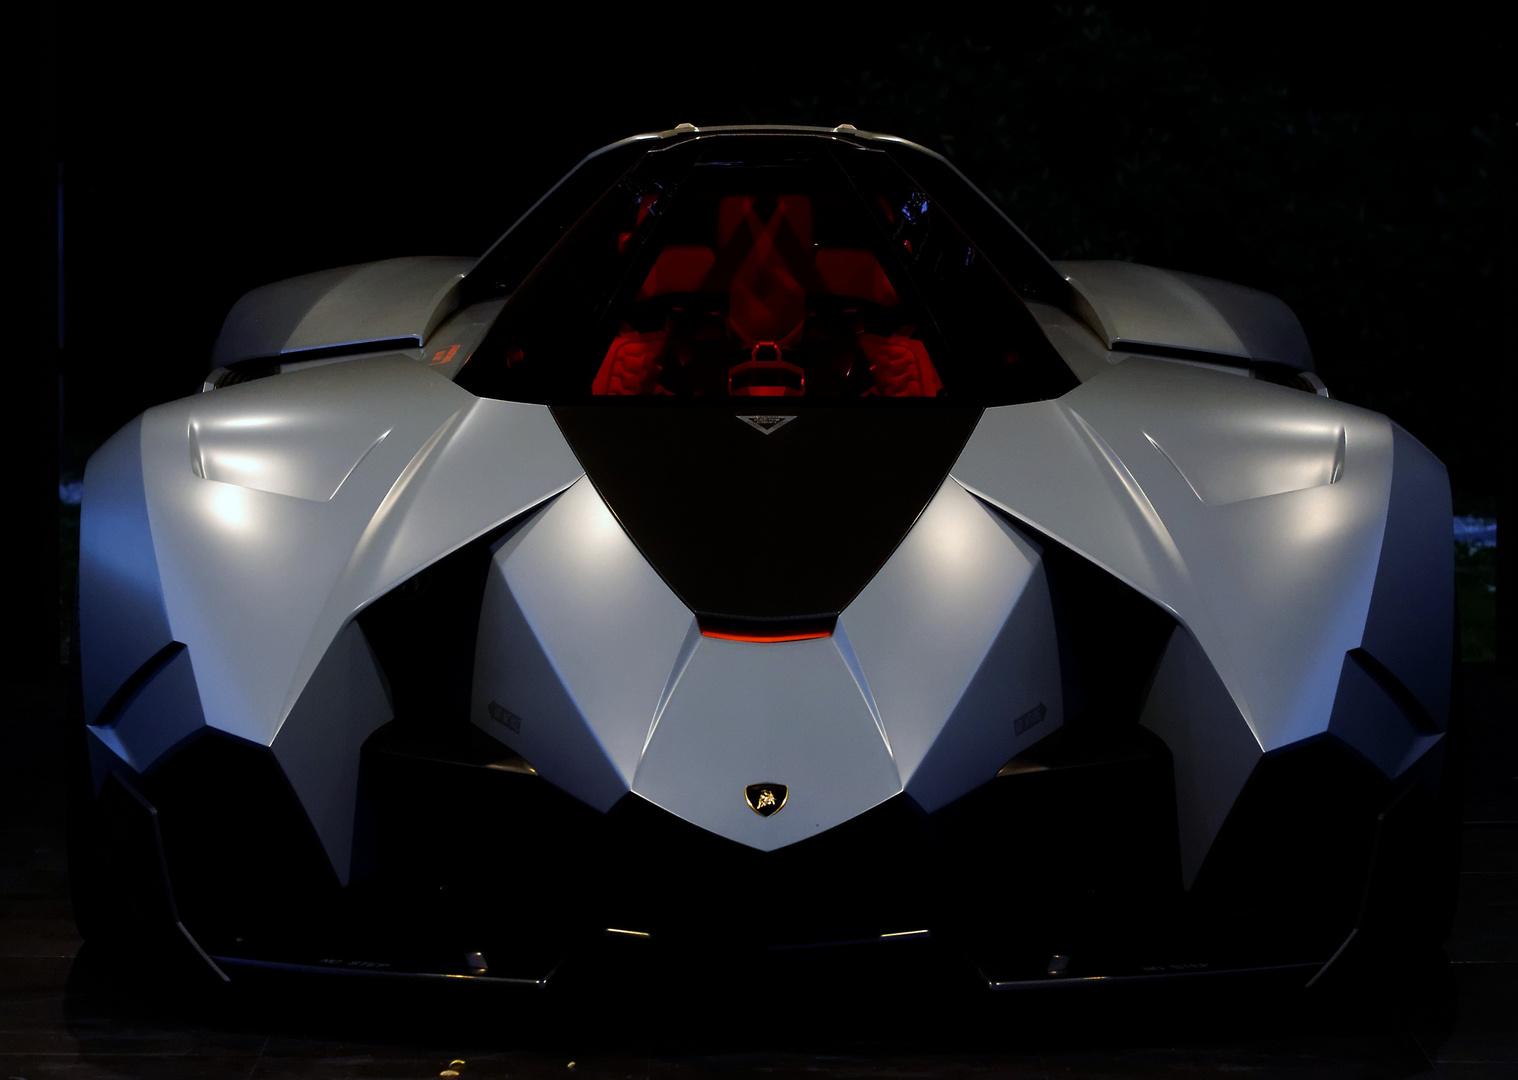 Show Me A Picture Of A Lamborghini Egoista